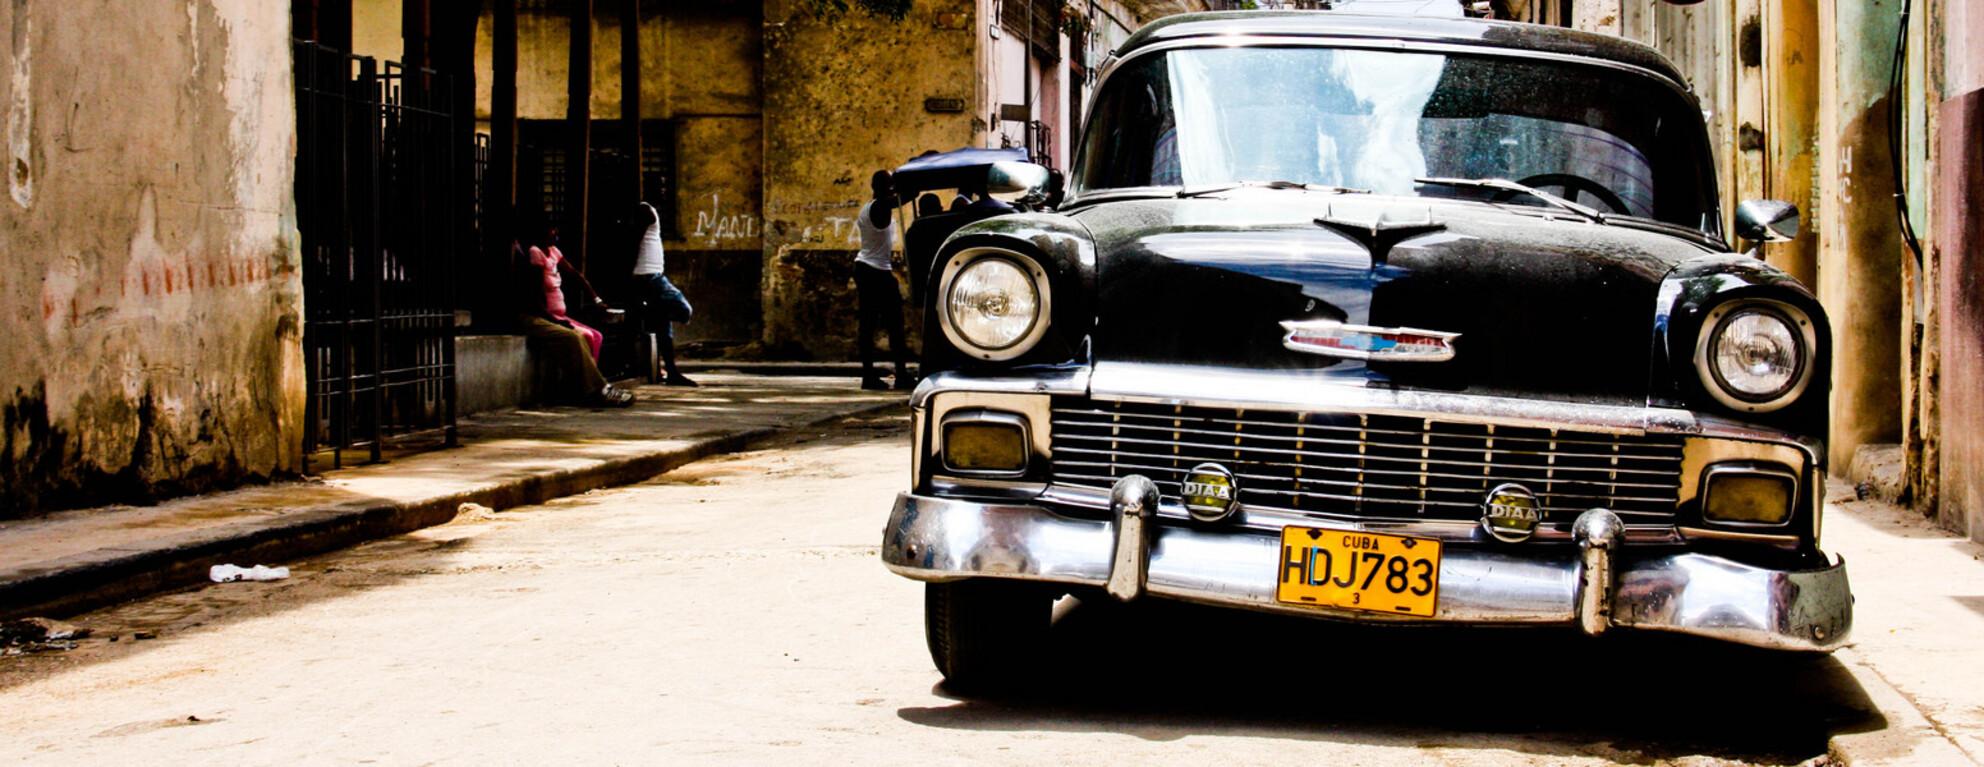 Havana Cuba - Overal in Havana staan dit soort mooie oldtimers - foto door MaasJan82 op 05-01-2013 - deze foto bevat: cuba, havana, chervolet, oldtimer auto